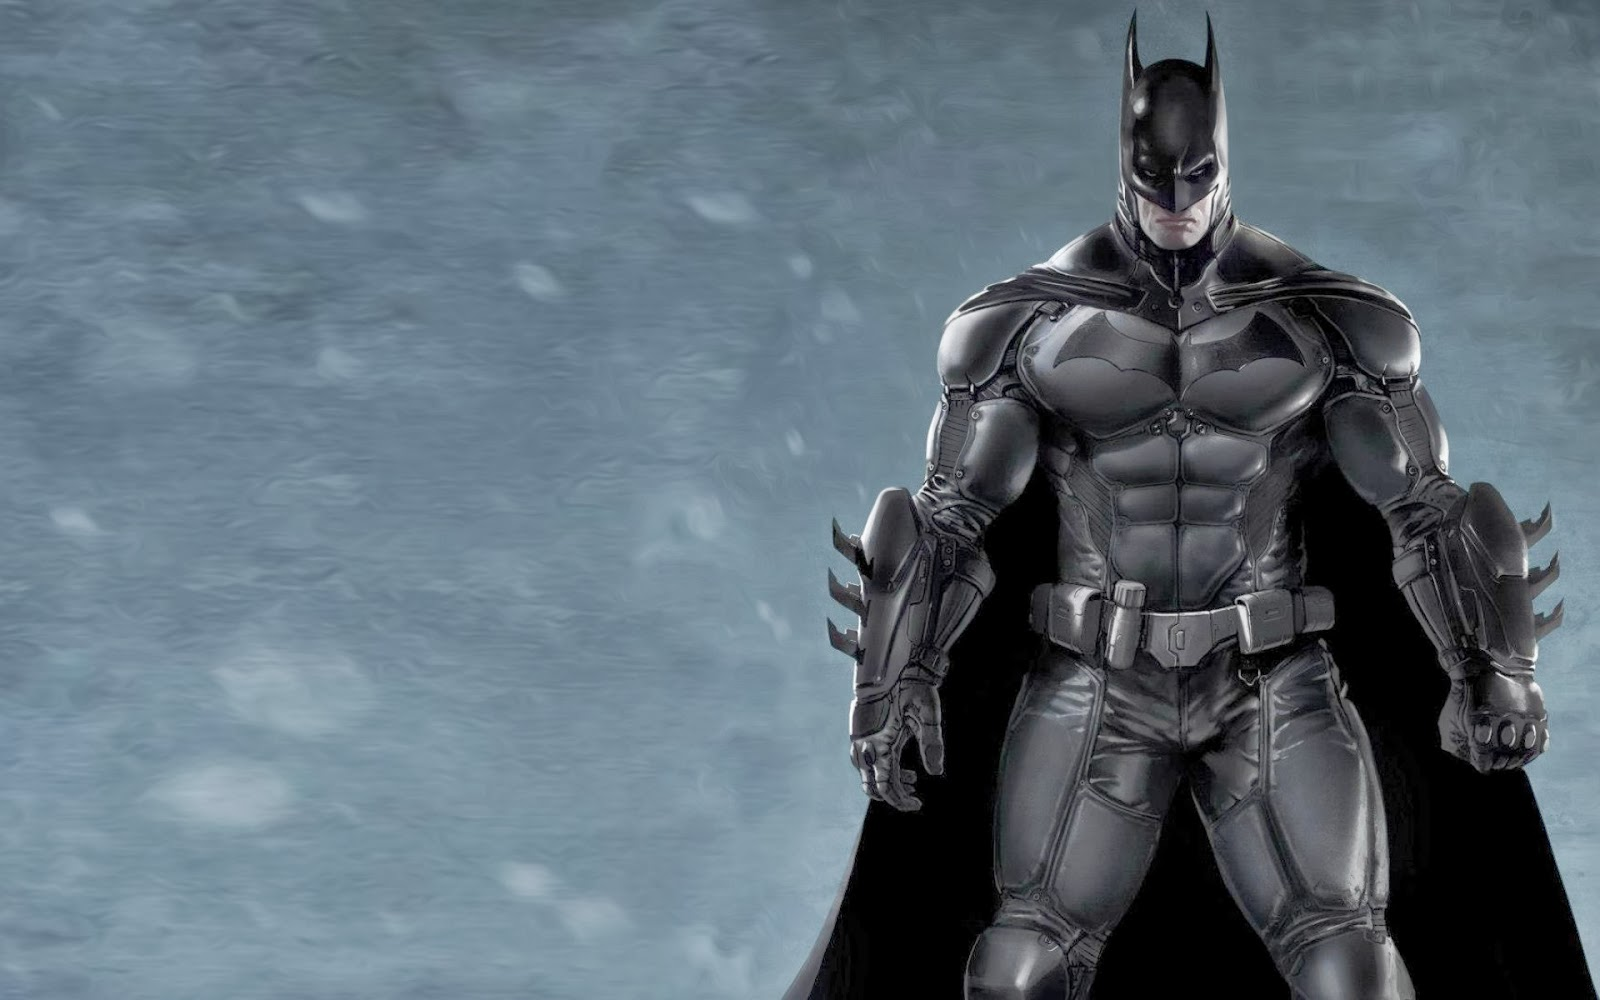 arkham origins batman arkham origins picture batman arkham origins 1600x1000